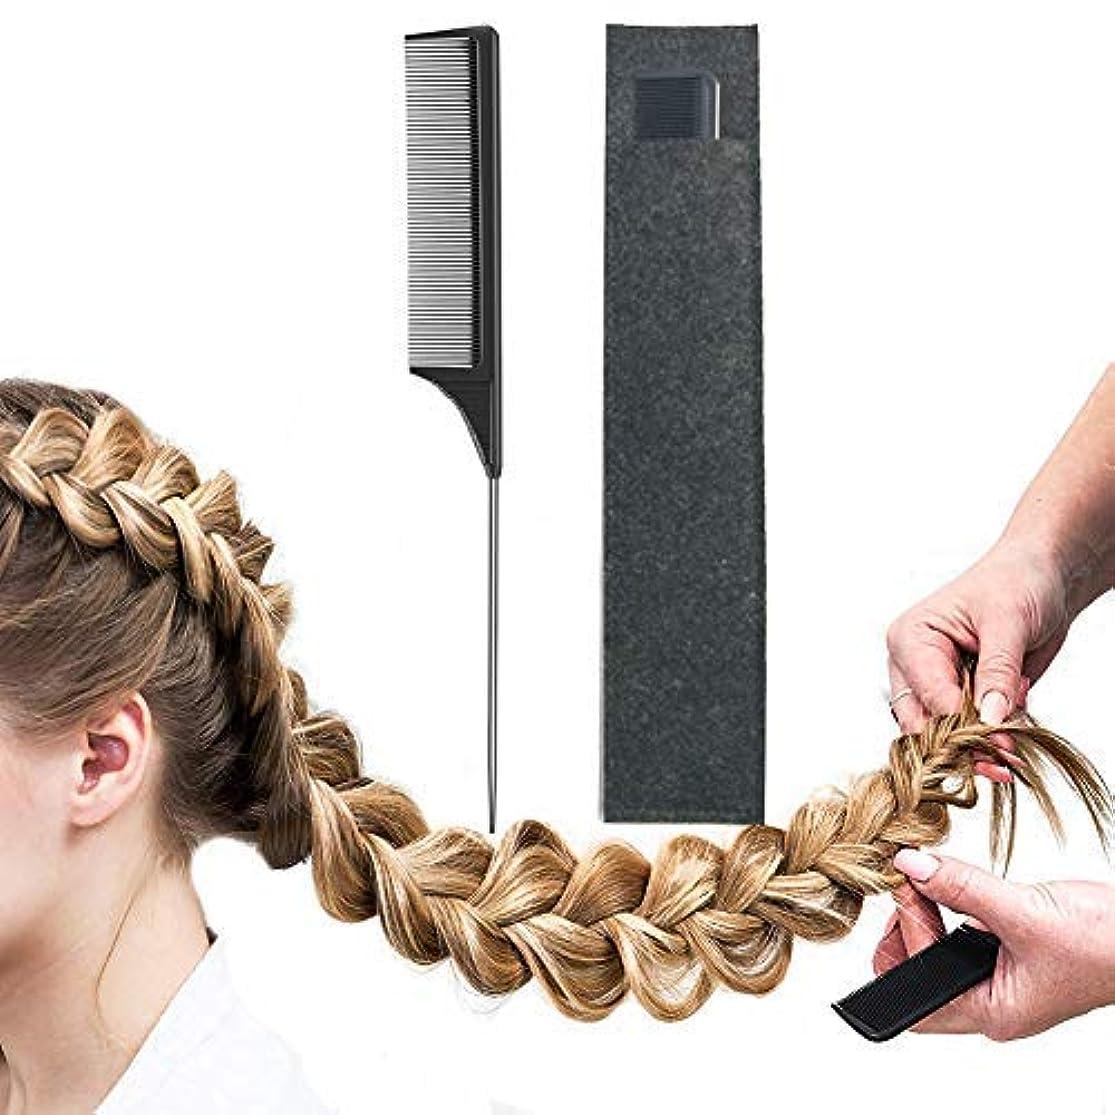 リーヒロインあいにくPintail Comb Carbon Fiber And Heat Resistant Teasing HairTail Combs Metal With Non-skid Paddle For Hair Styling...